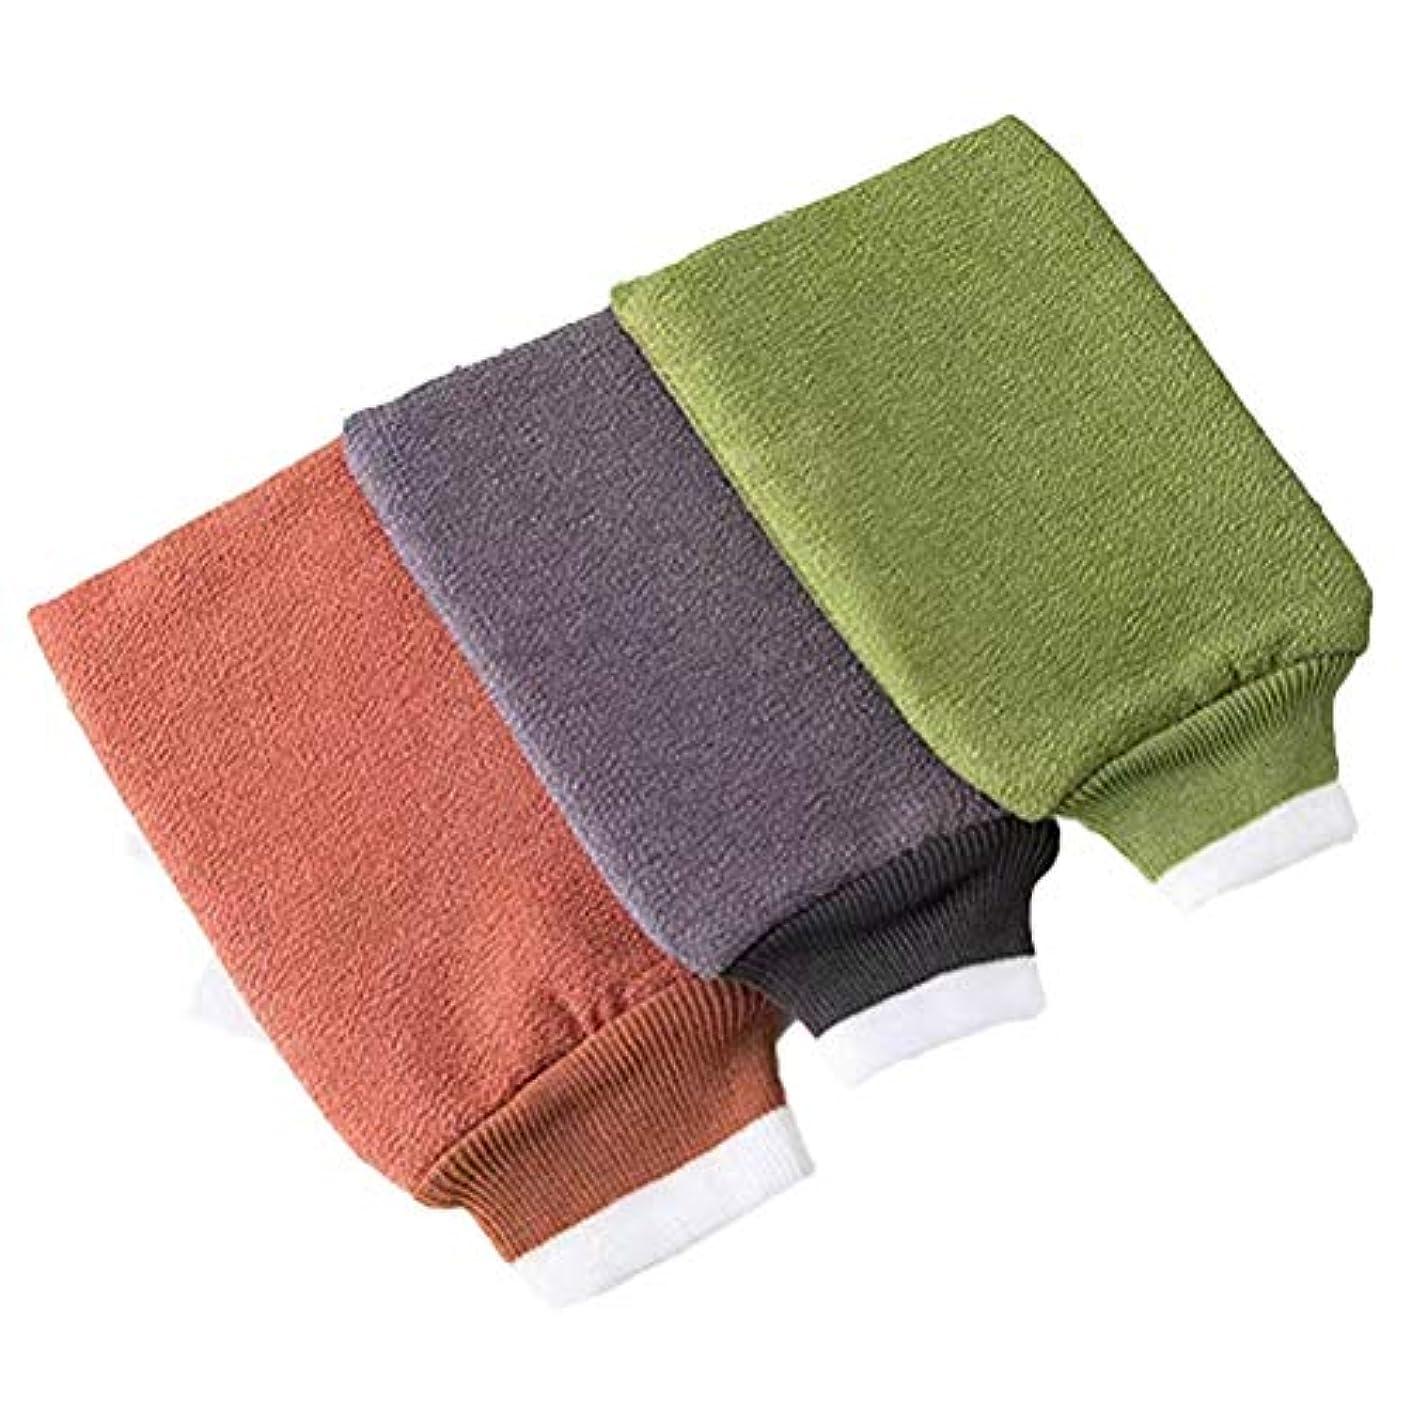 略語私たちのものモンクTOPBATHY 6ピースバスウォッシュタオル剥離バスグローブバックスクラバーデュアルサイドバスタオル用ボディ用入浴シャワースパブラシ